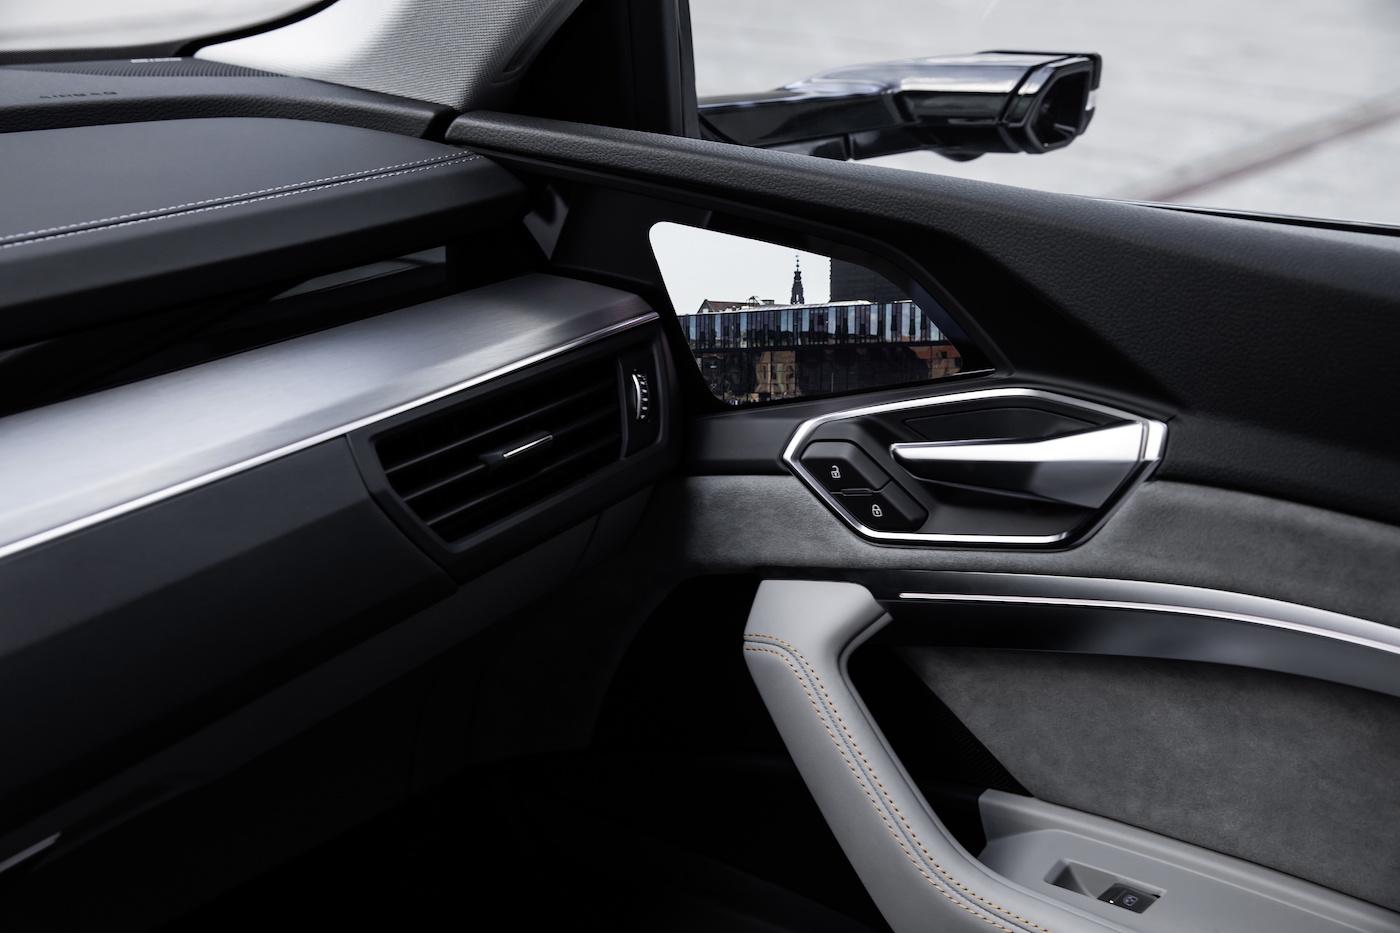 Les rétroviseurs extérieurs virtuels du prototype e-tron: une prouesse technique douée d'avantages pratiques. (Audi)